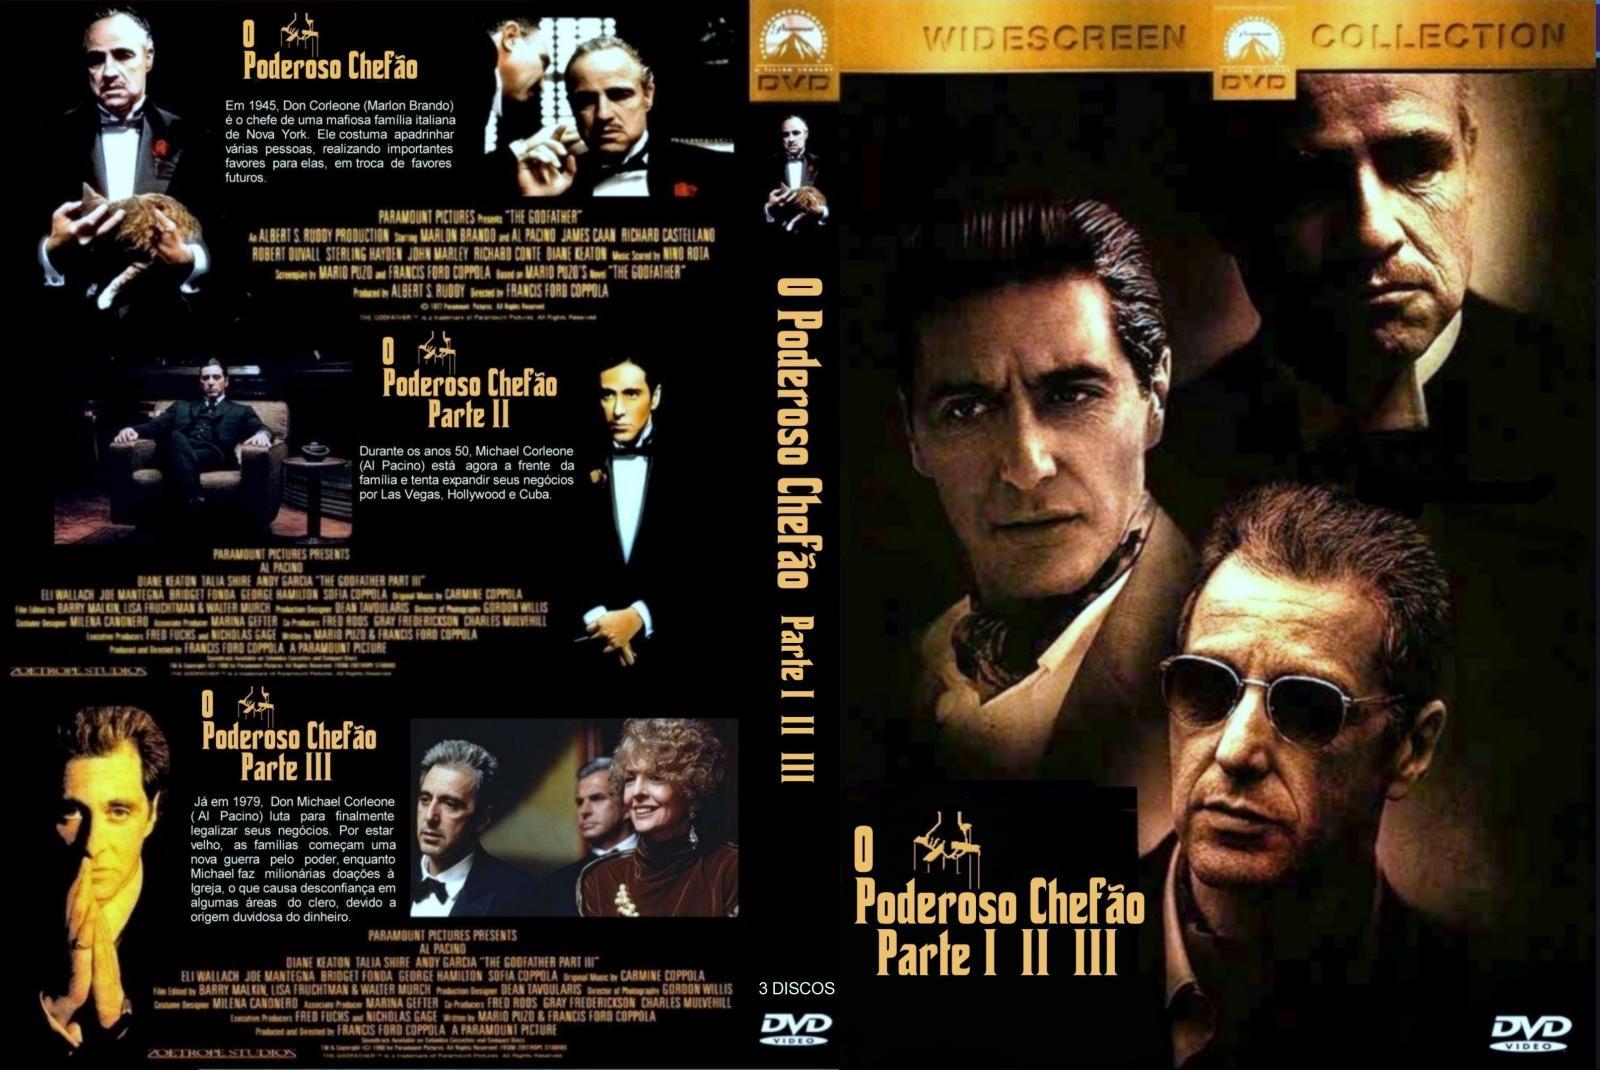 Download Trilogia O Poderoso Chefão DVDRip XviD Dual Áudio O Poderoso Chef 25C3 25A3o   Trilogia